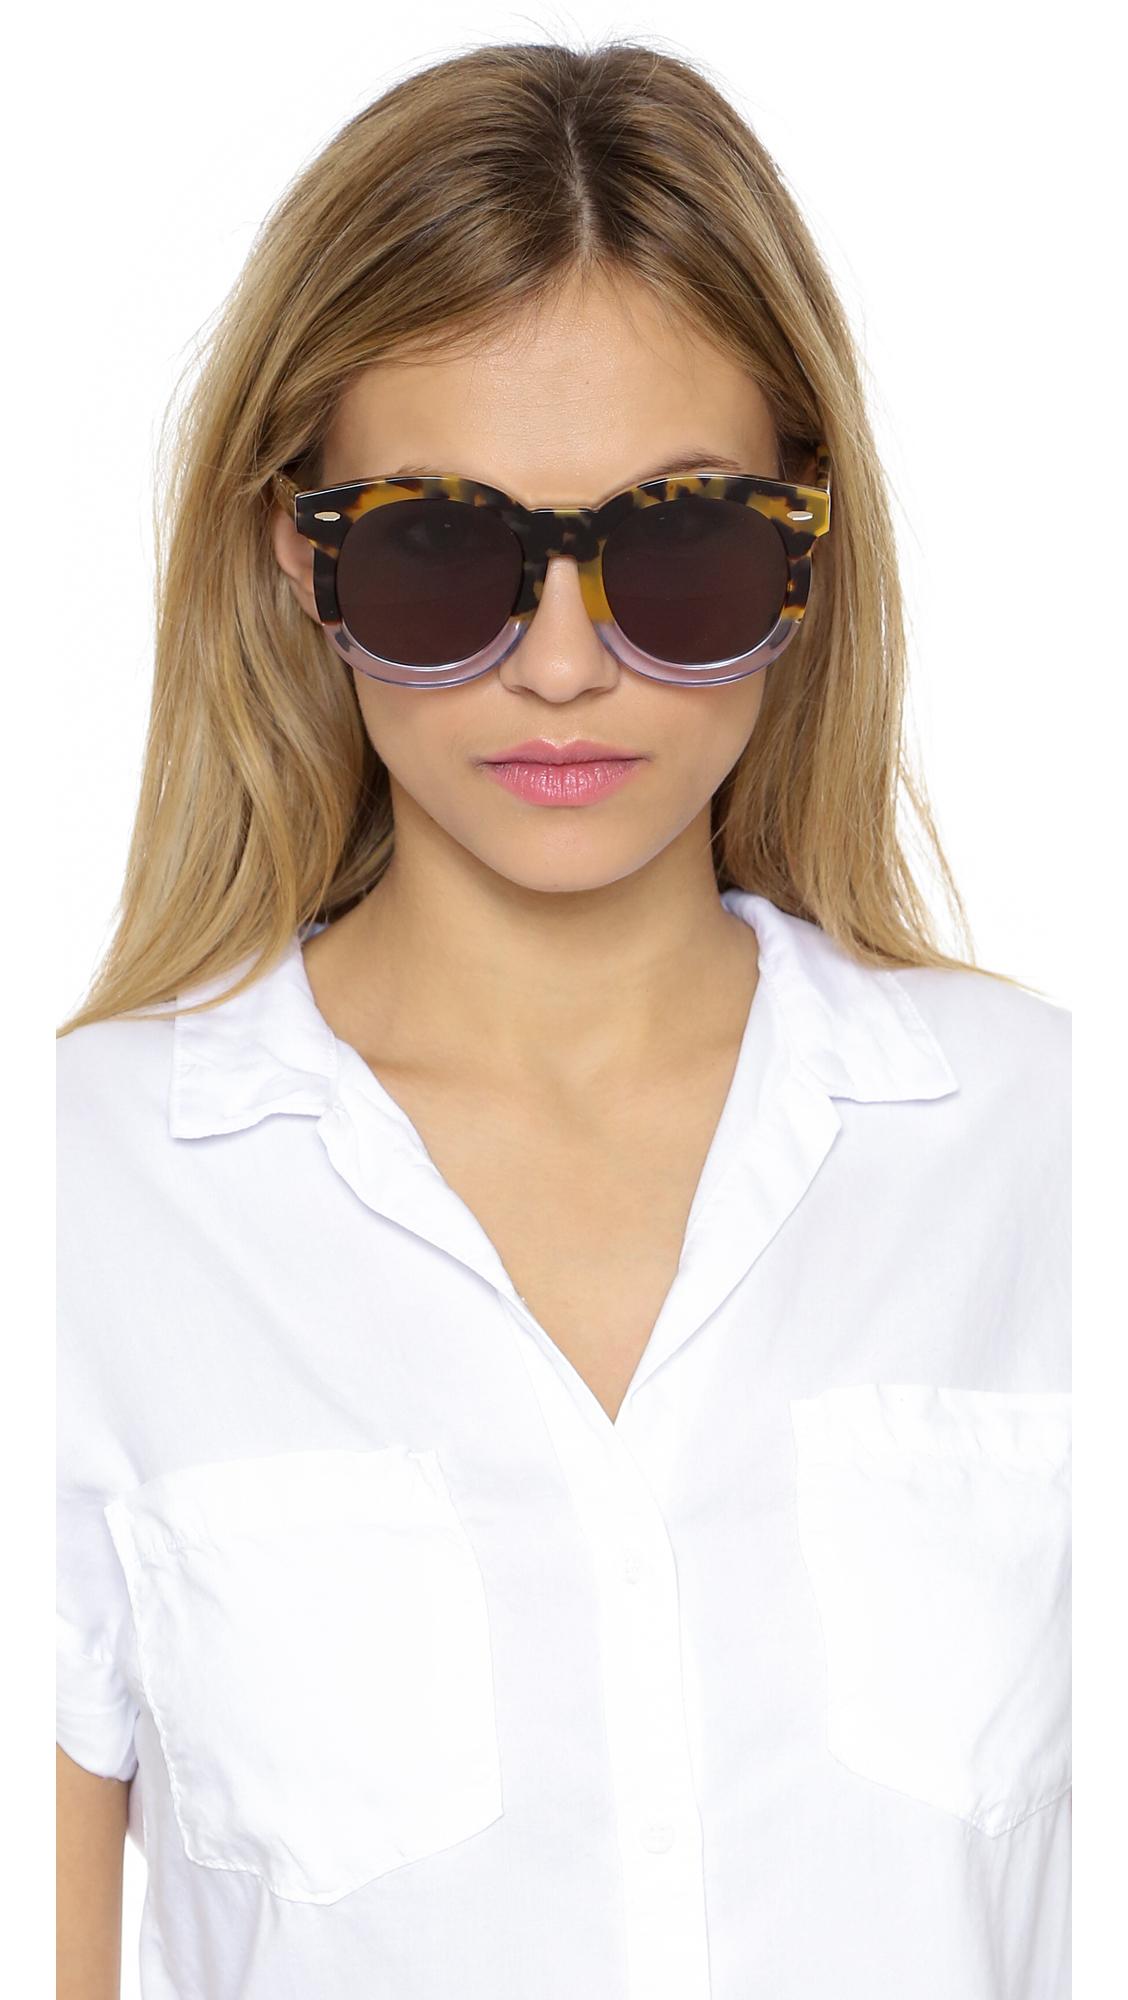 c8537422073 Lyst - Karen Walker Super Duper Thistle Sunglasses in Metallic